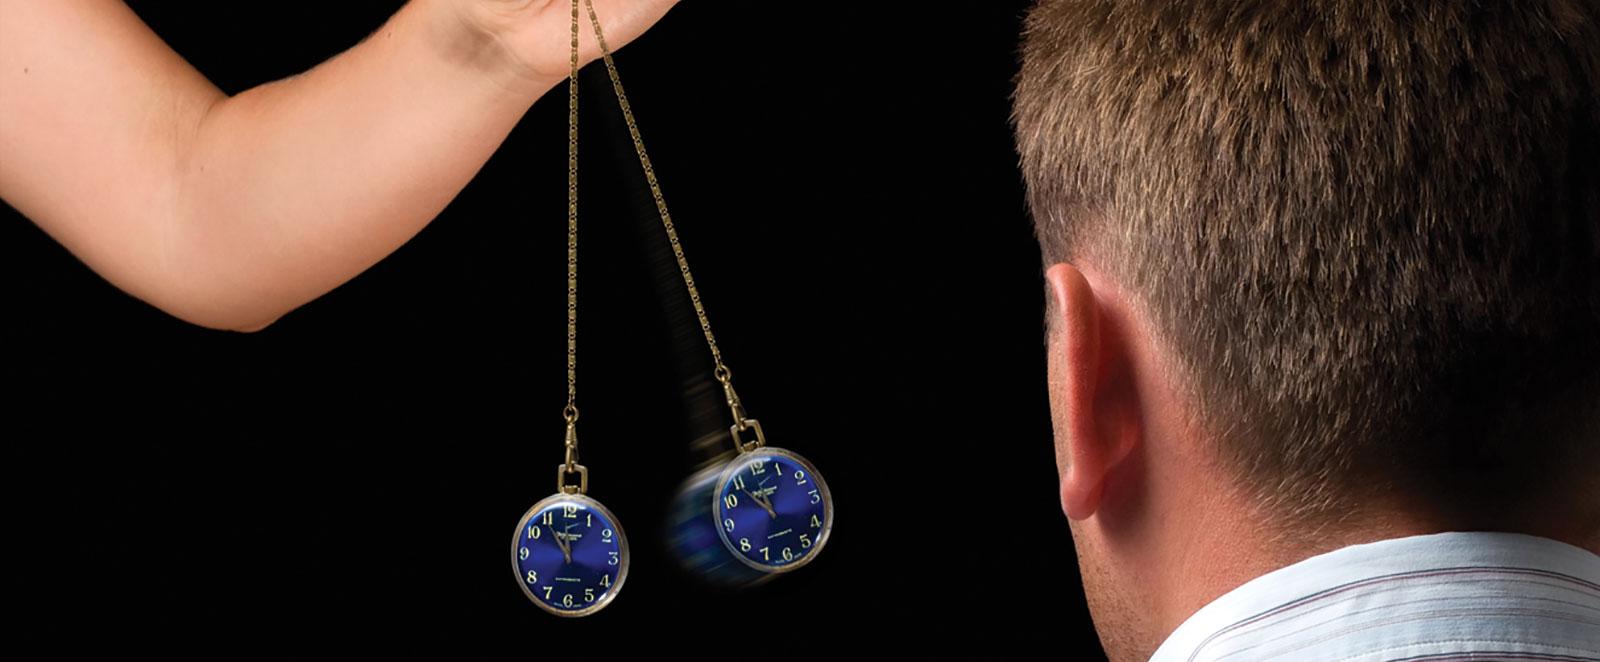 هیپنوتیزم چیست؟